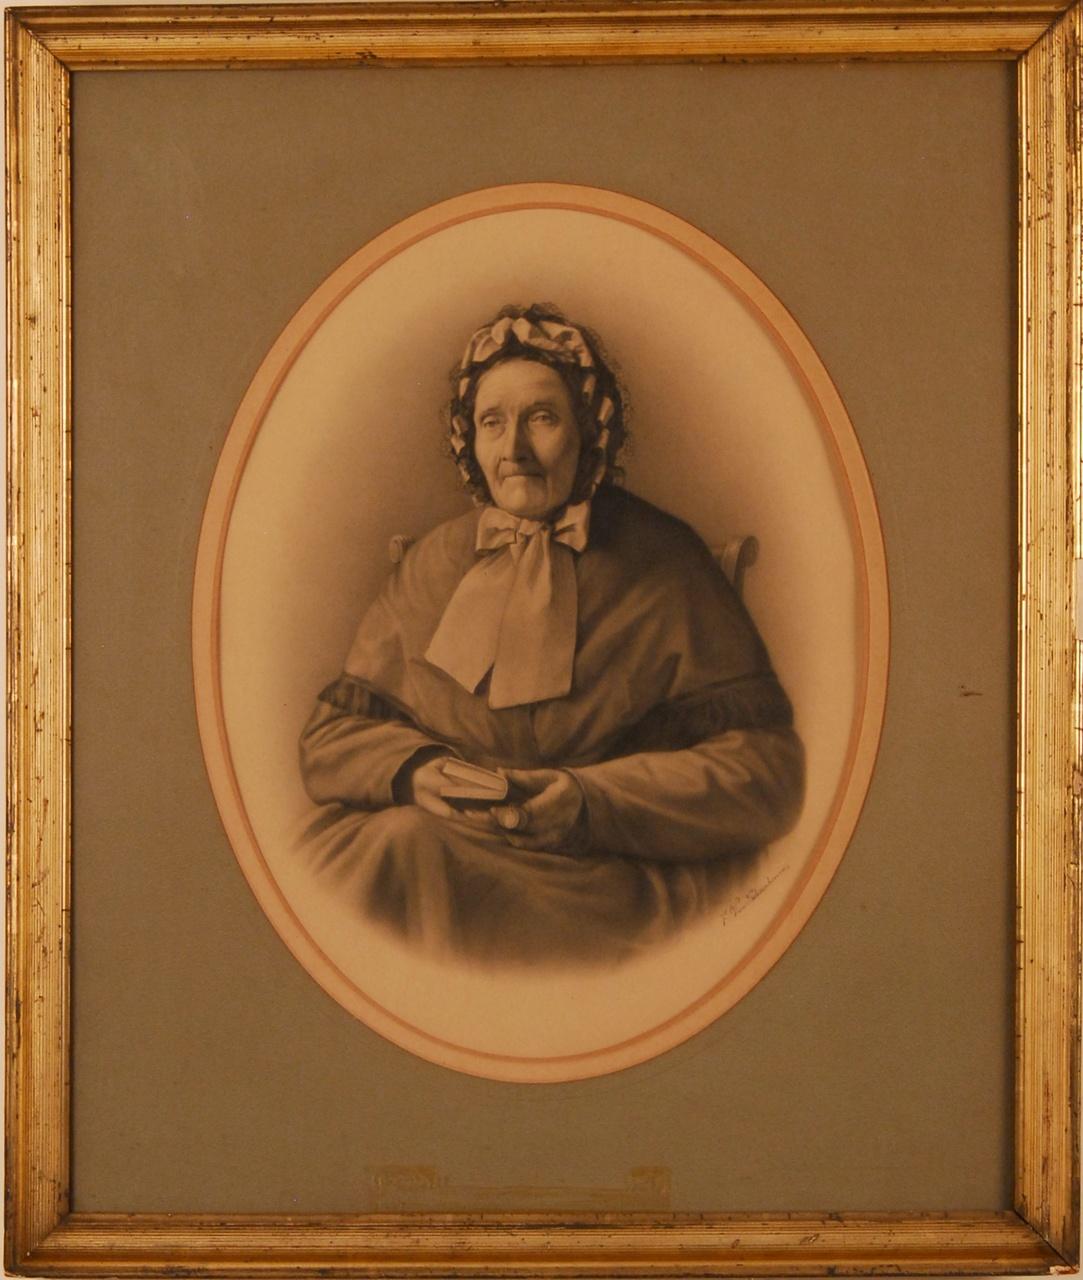 Portret van mevrouw Cuypers-Bex, moeder van Dr. P.J.H. Cuypers